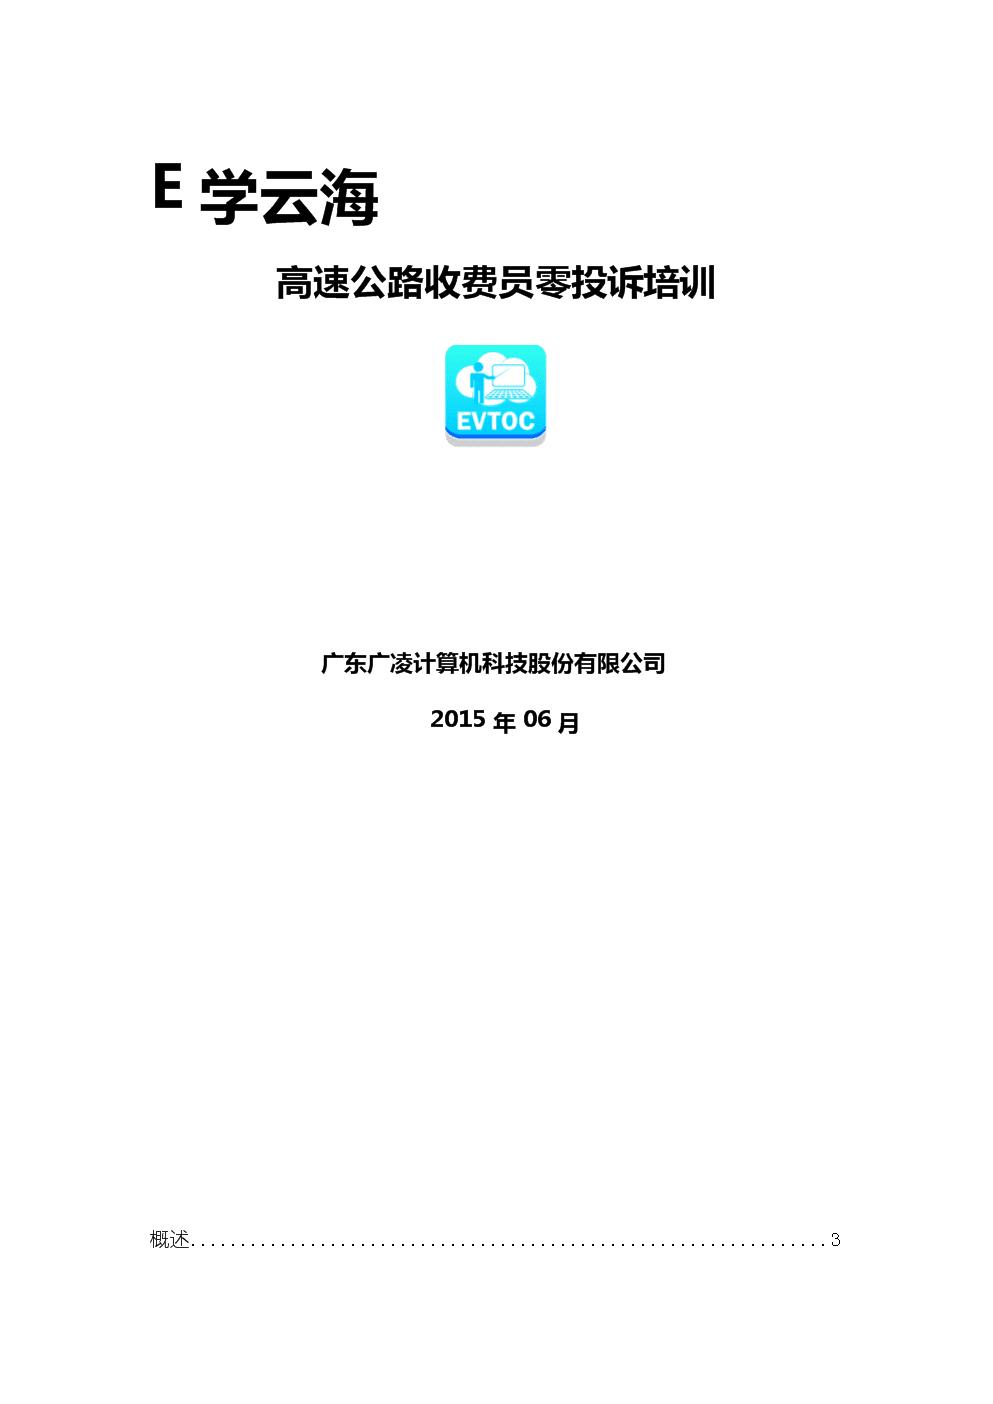 高速公路收费员零投诉服务工作培训方案及培训方法.doc